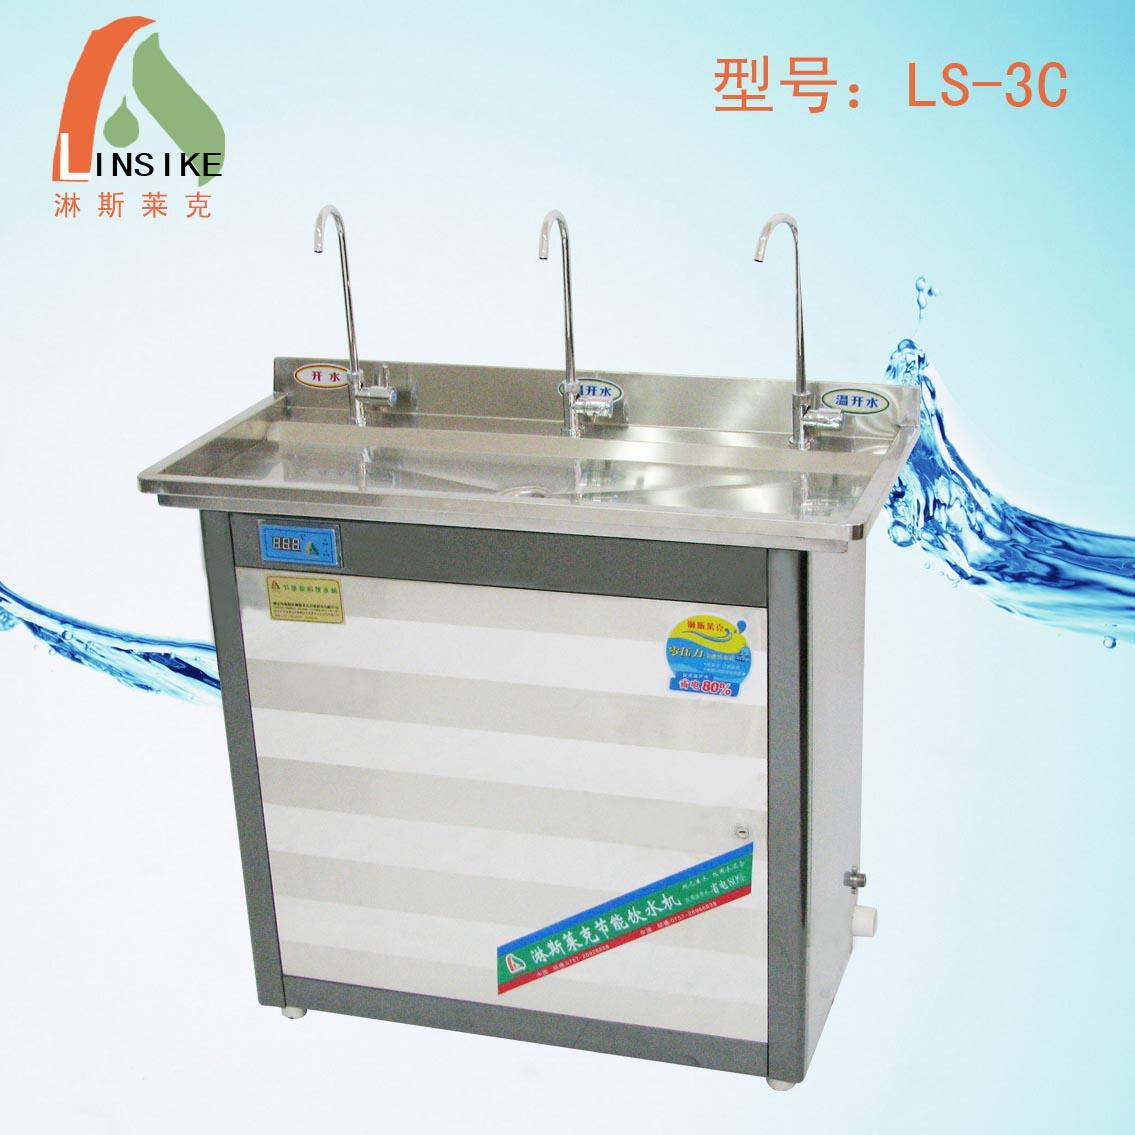 工厂不锈钢饮水机 工厂不锈钢开水器